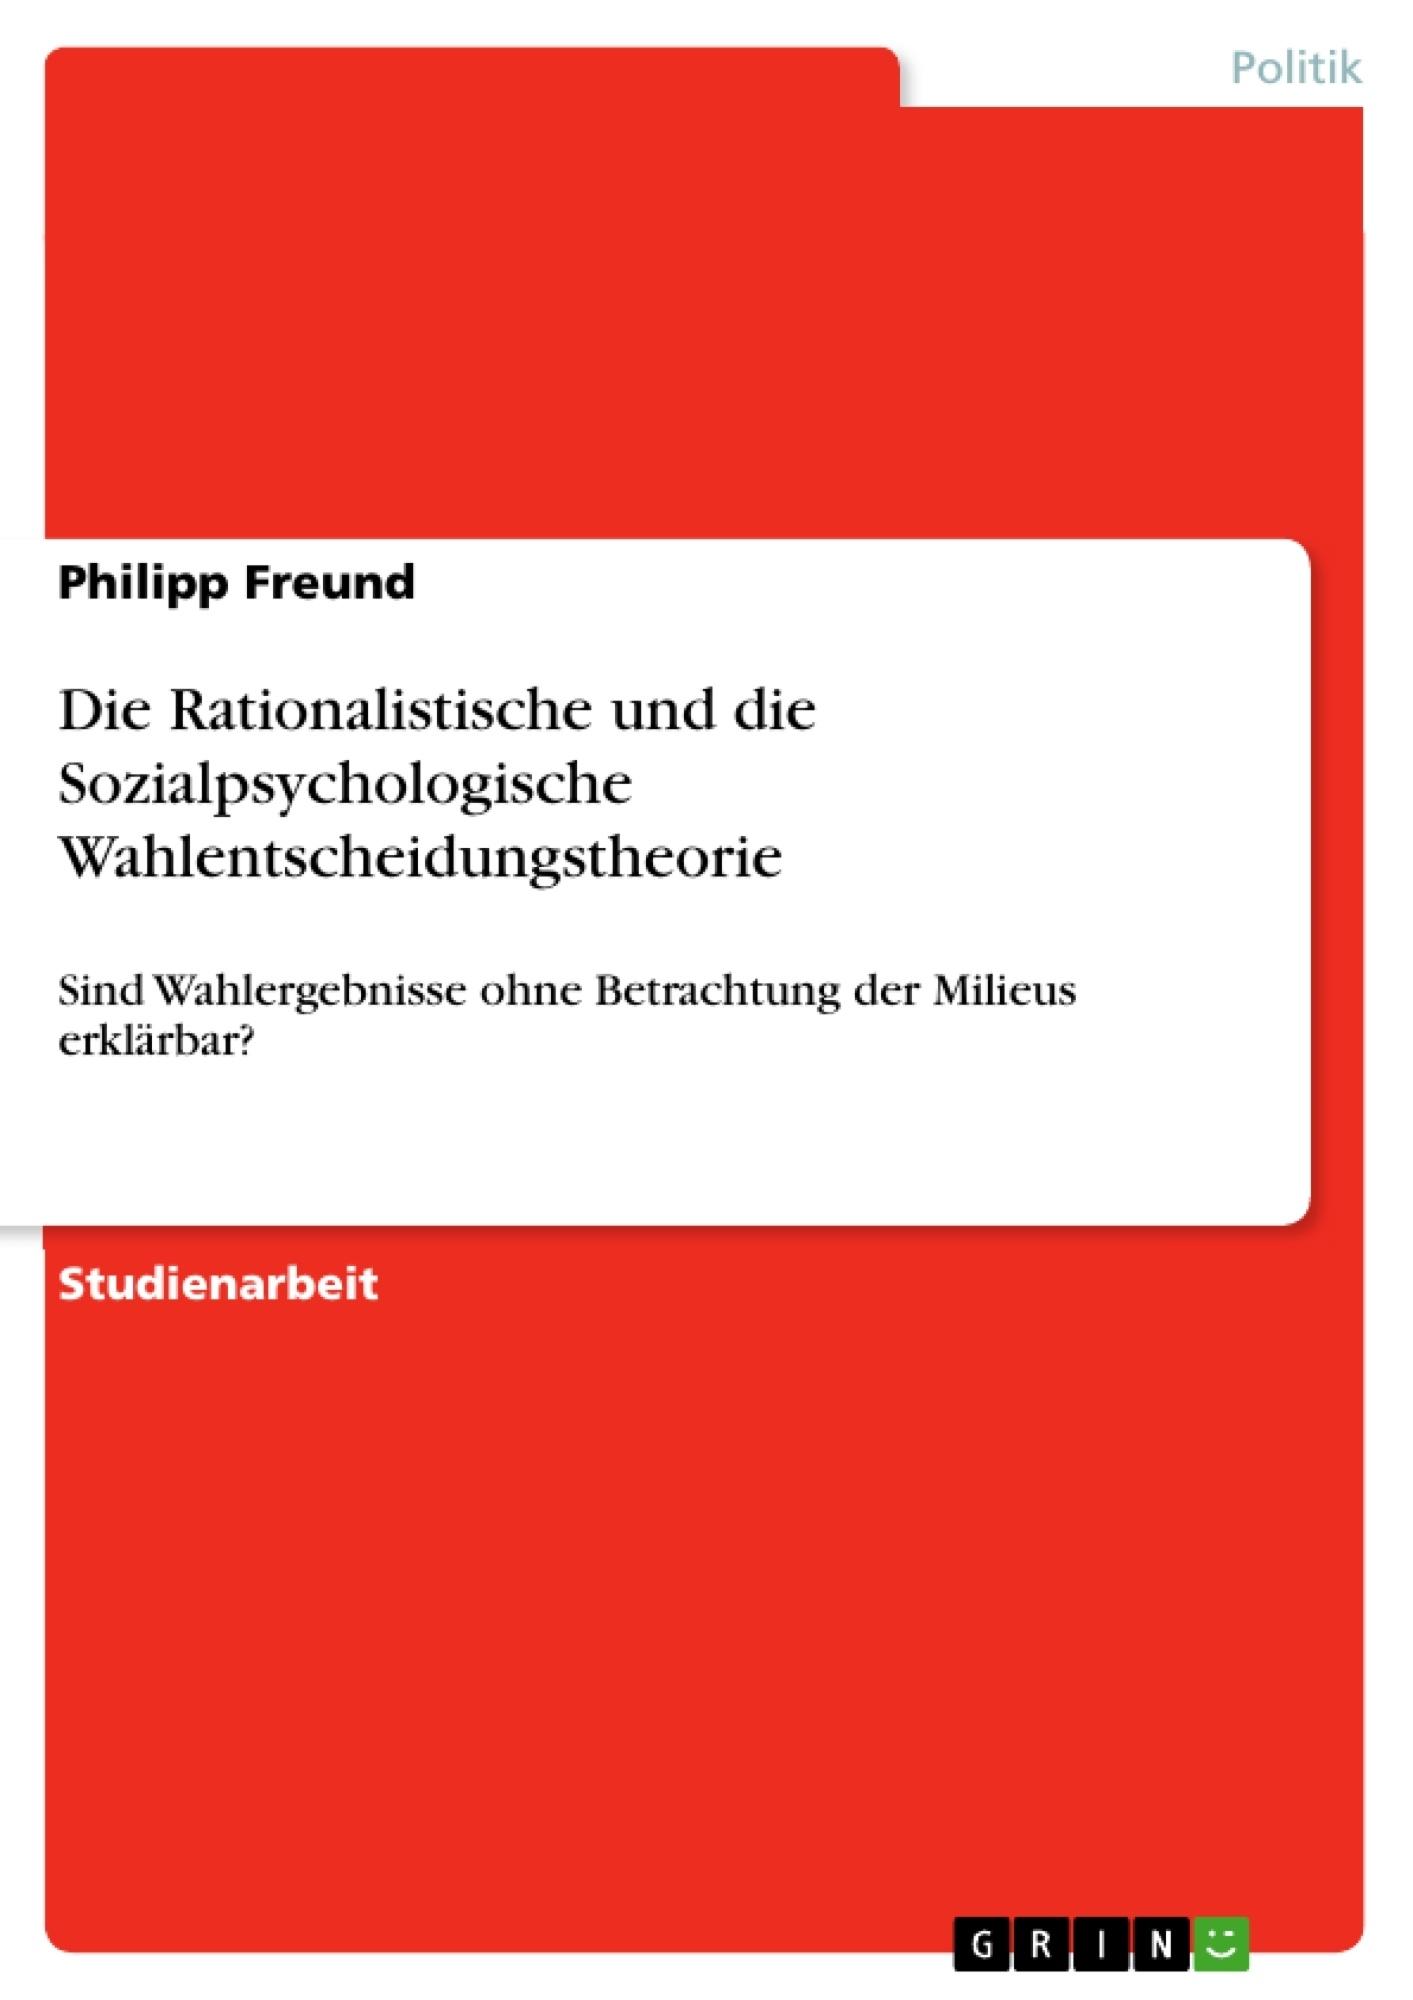 Titel: Die Rationalistische und die Sozialpsychologische Wahlentscheidungstheorie